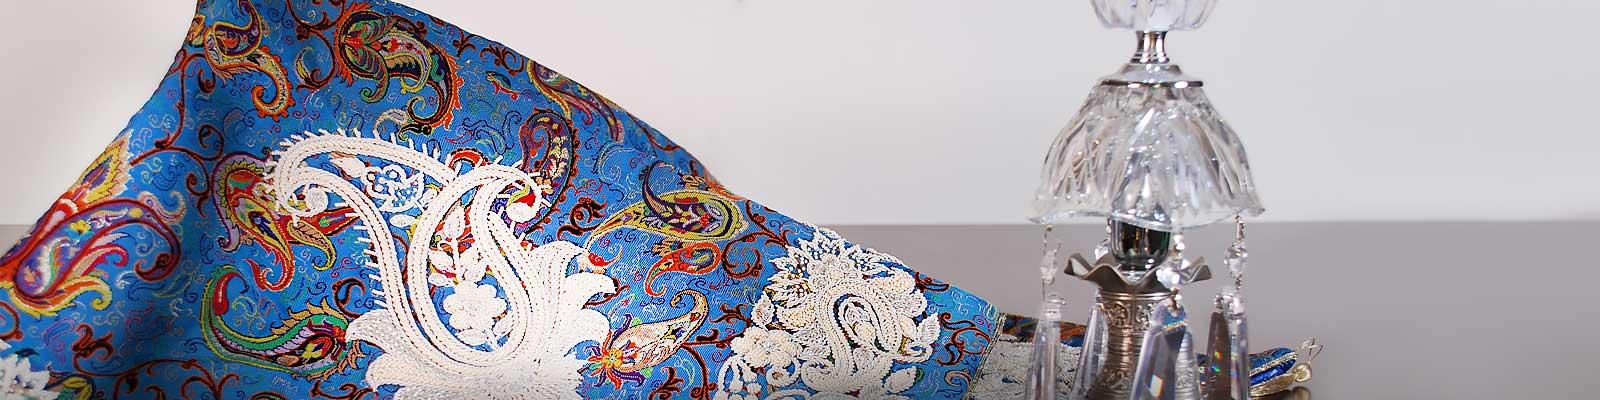 رومیزی سرمه دوزی (هنر دست)